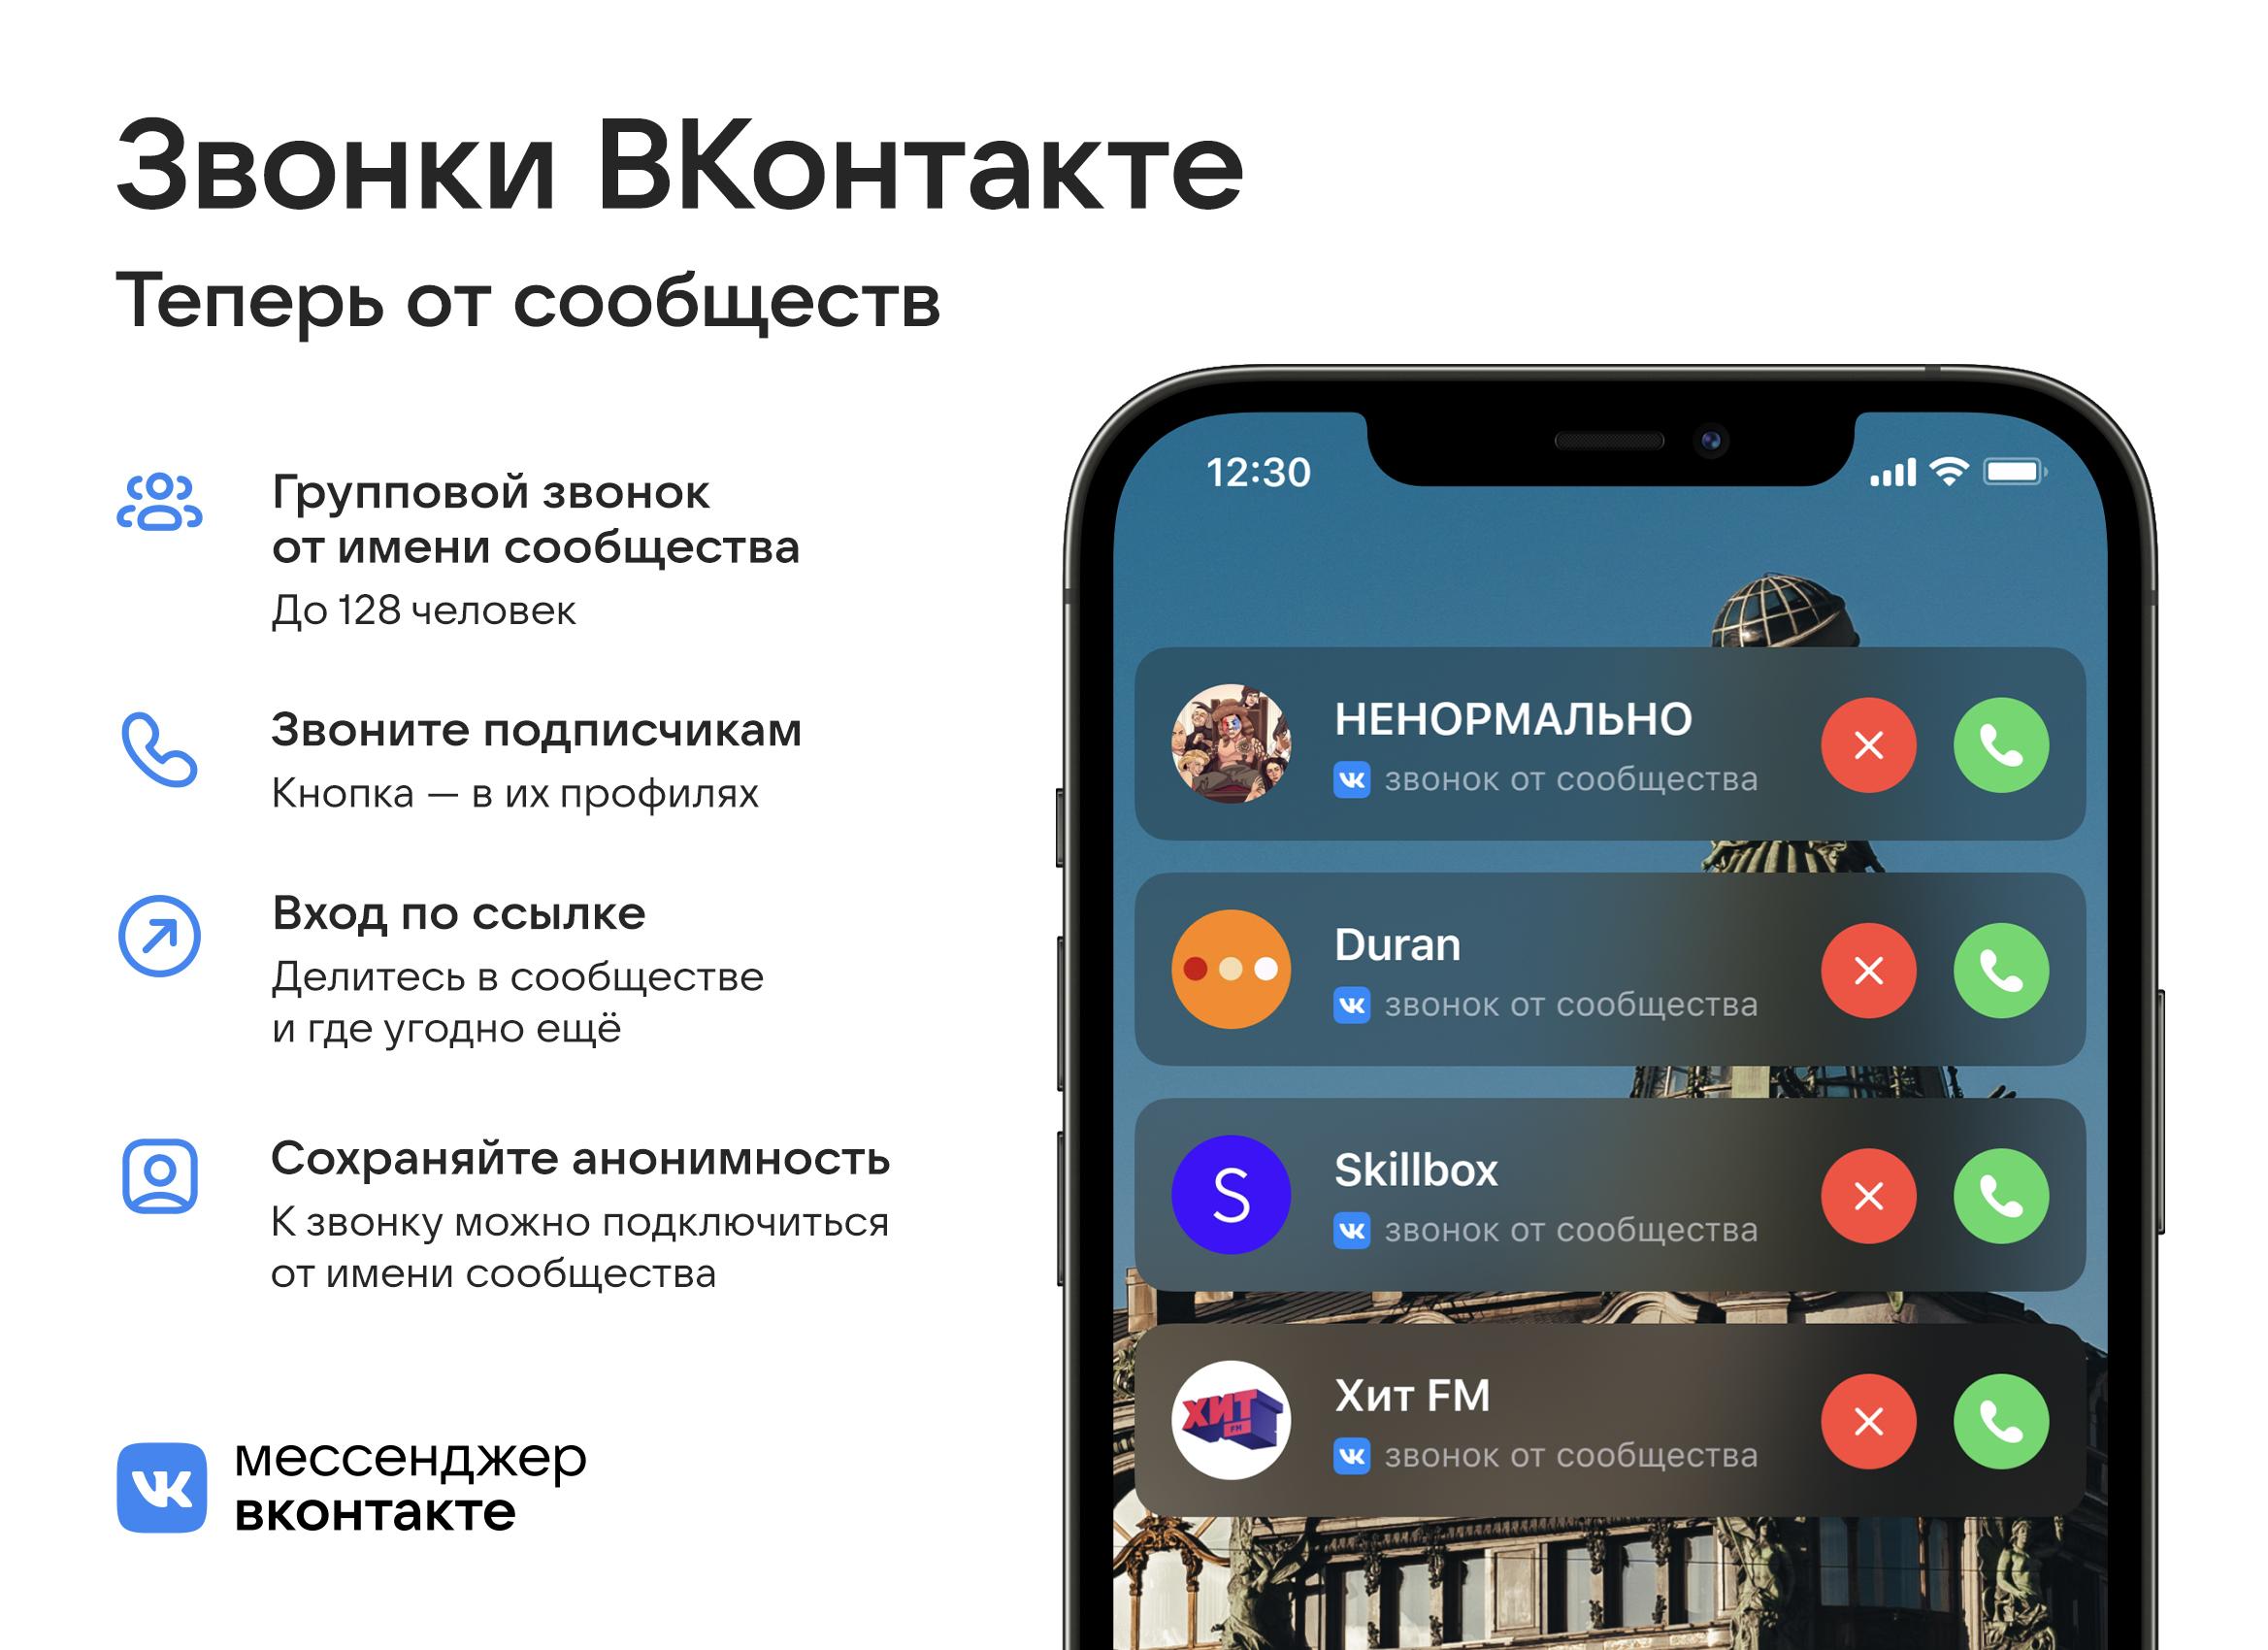 «ВКонтакте» тестирует звонки от сообществ